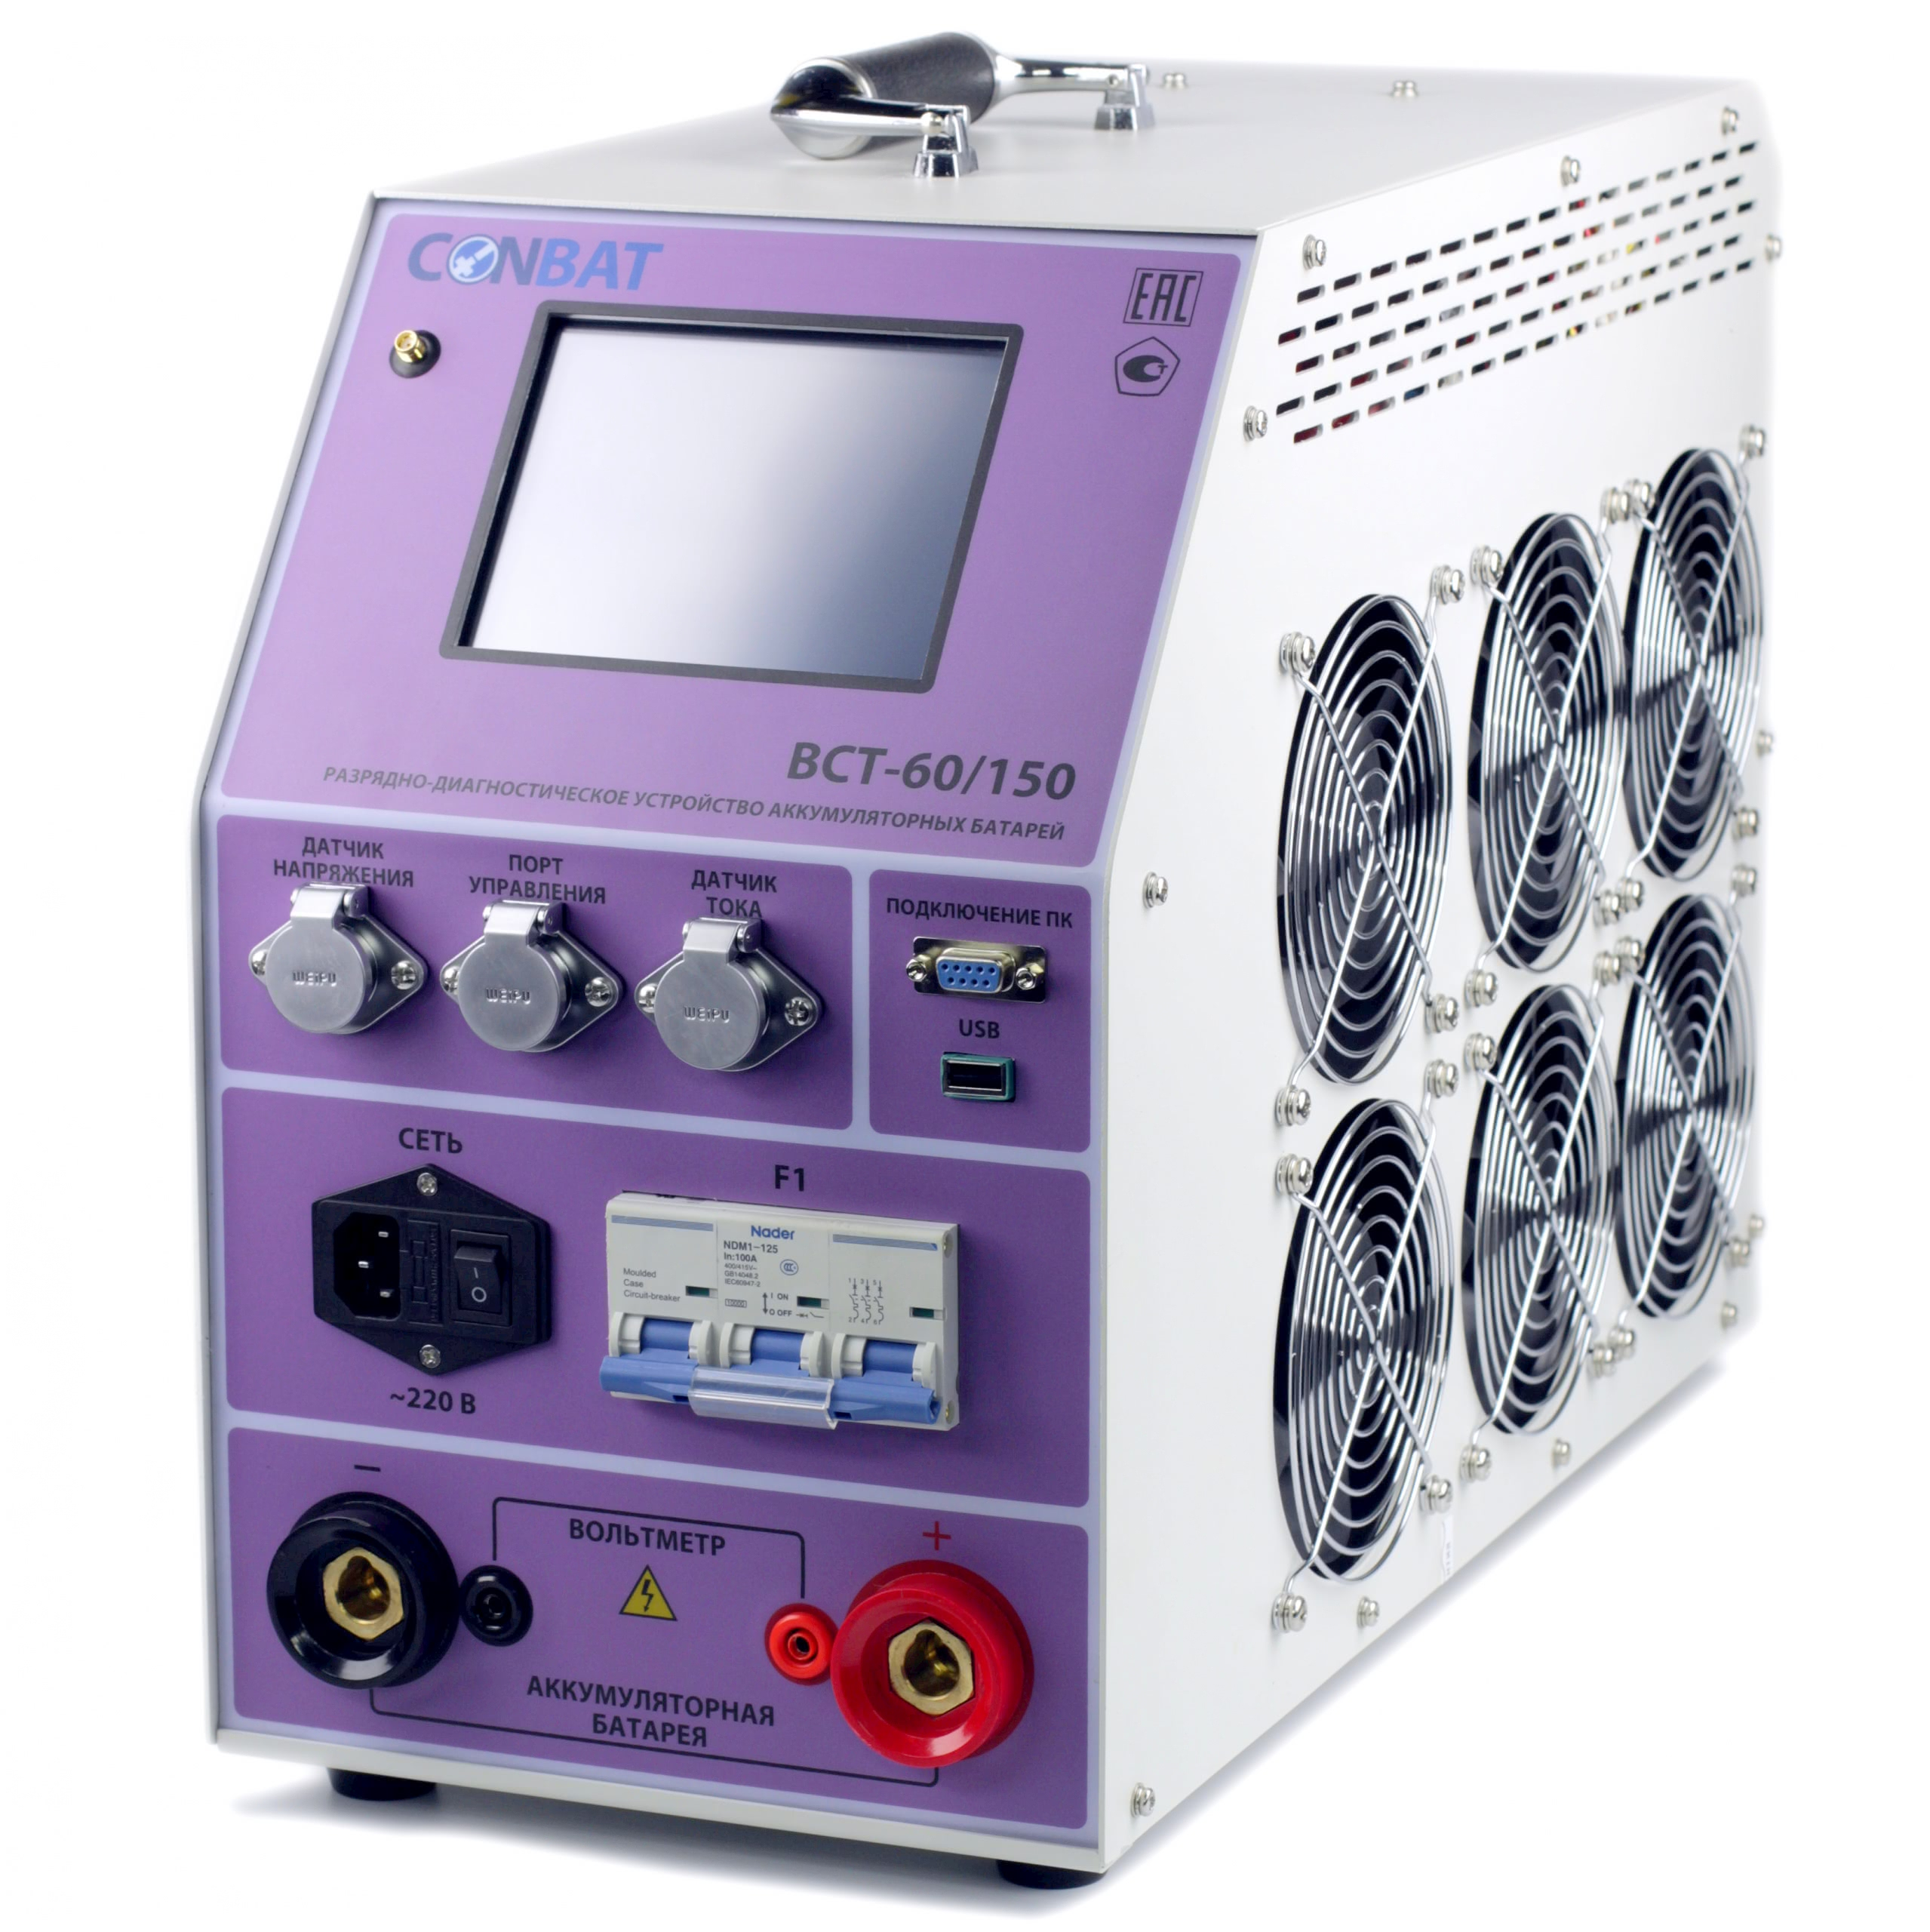 Разрядное устройство аккумуляторных батарей Conbat BCT-60/150